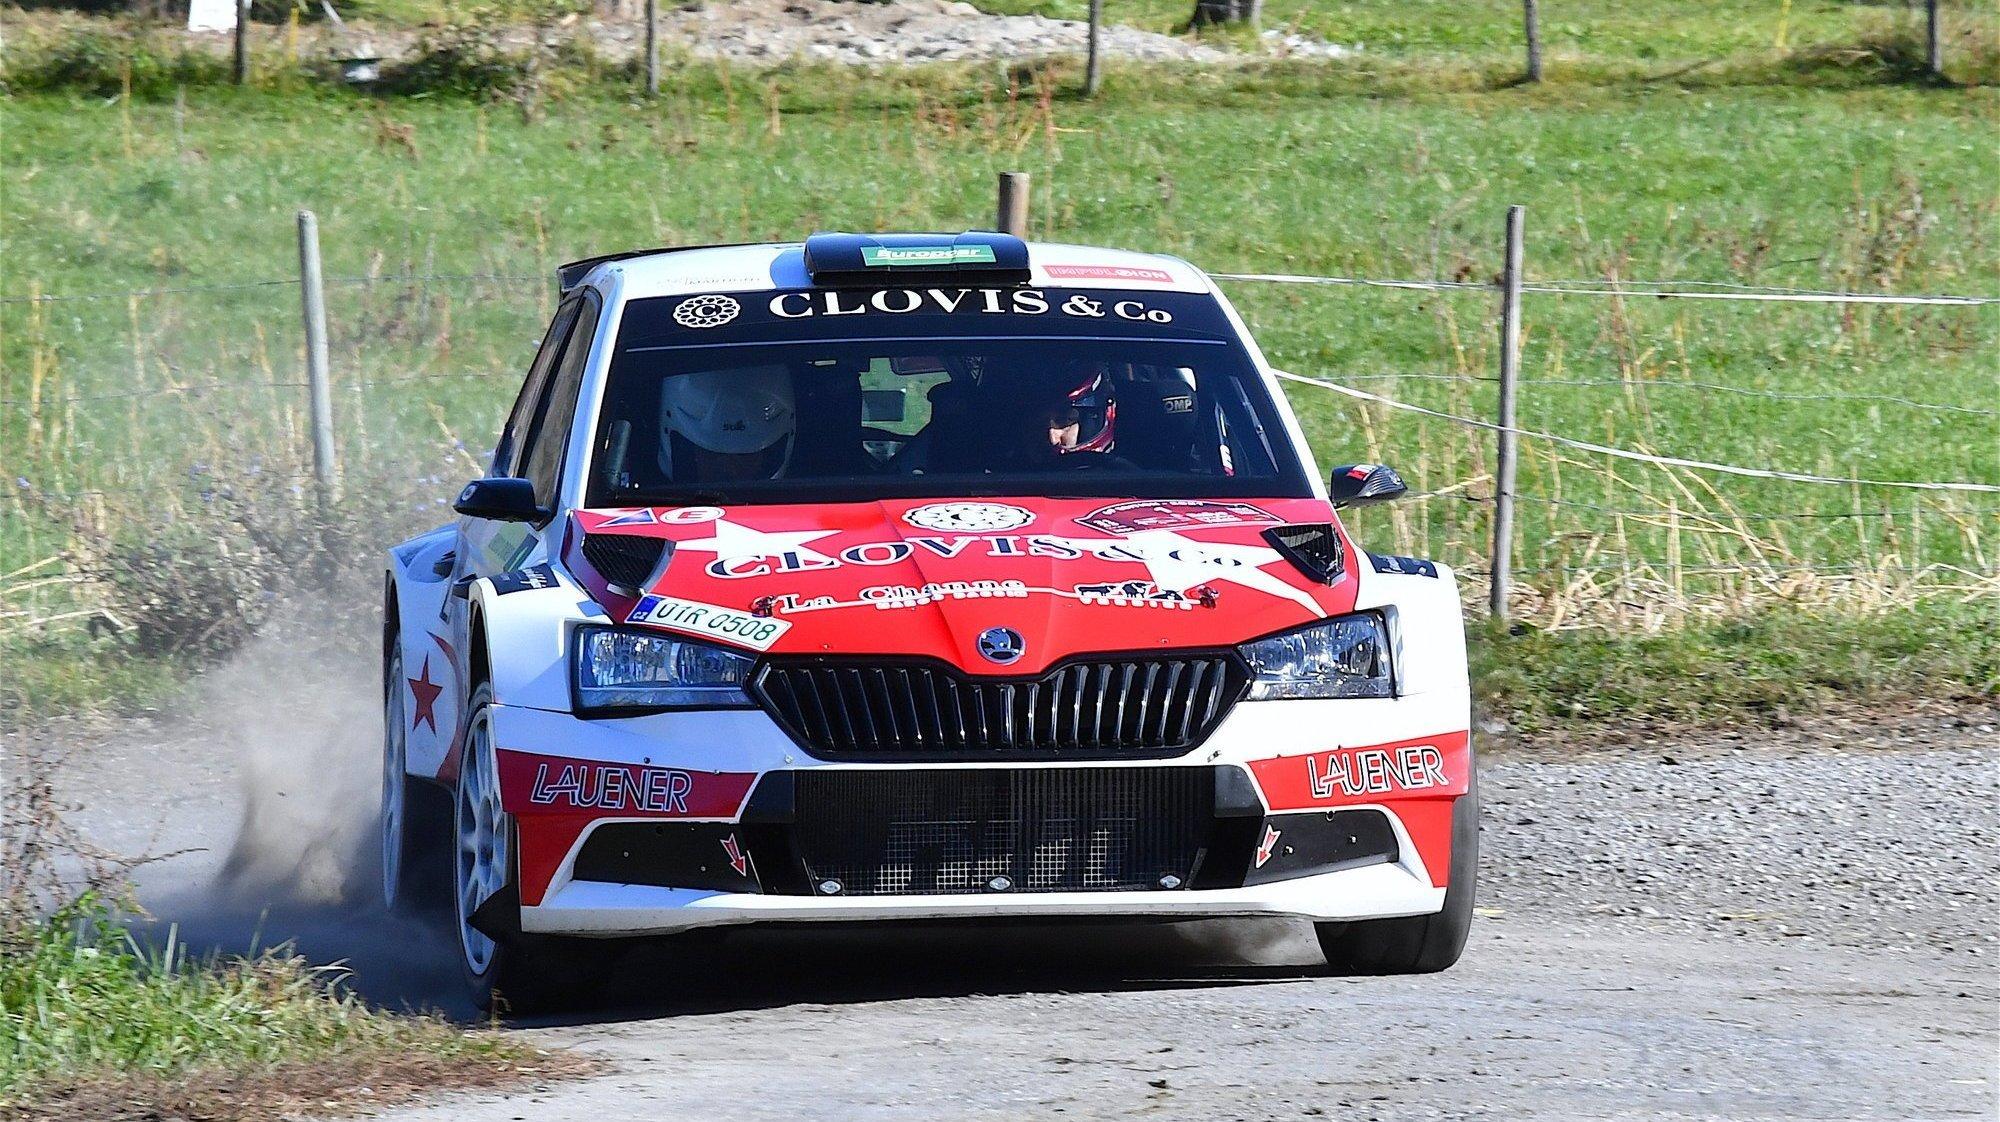 Le pilote de Verbier, Mike Coppens s'offre son premier titre au Rallye du Valais